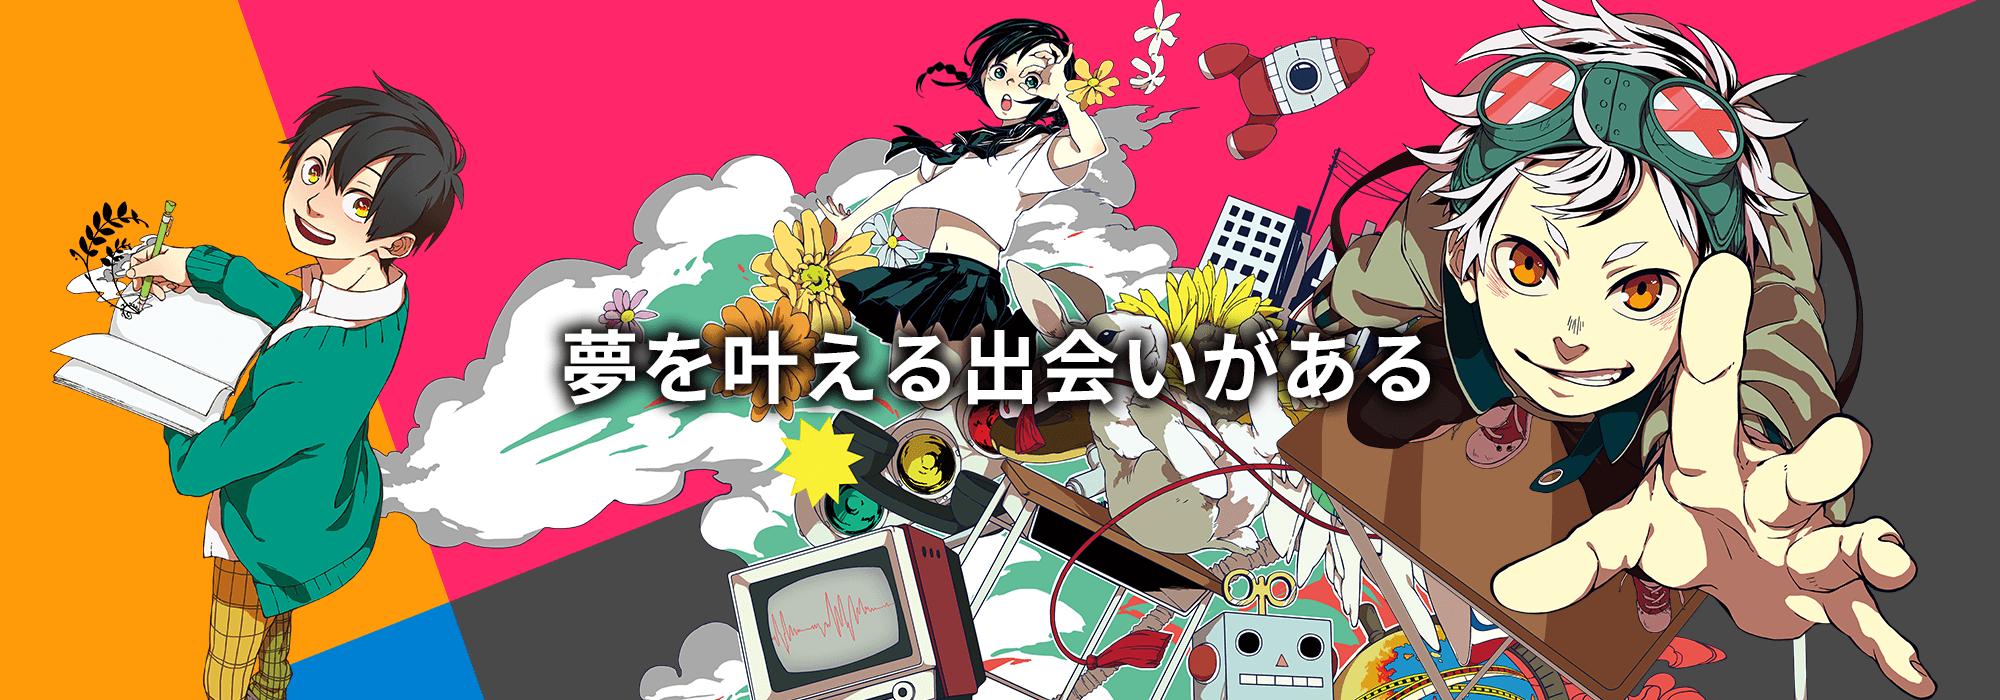 夢を叶える出会いがある 専門学校 札幌マンガ・アニメ学院